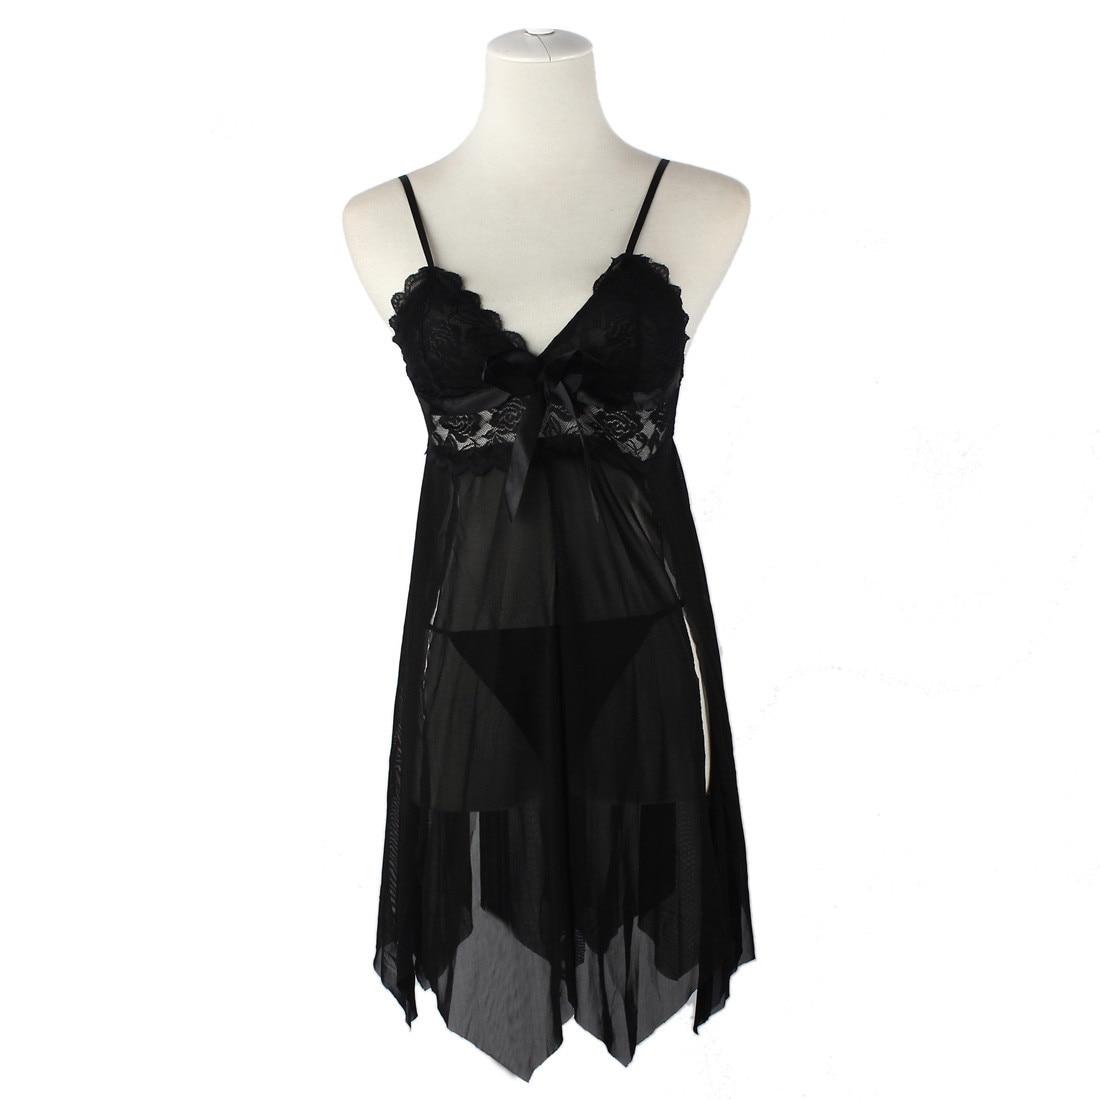 Сексуальное женское дамское милое розовое белье с лямкой на шее, кружевное белье с открытой спиной, ночная рубашка, платье+ стринги, комплект ночного белья#1026